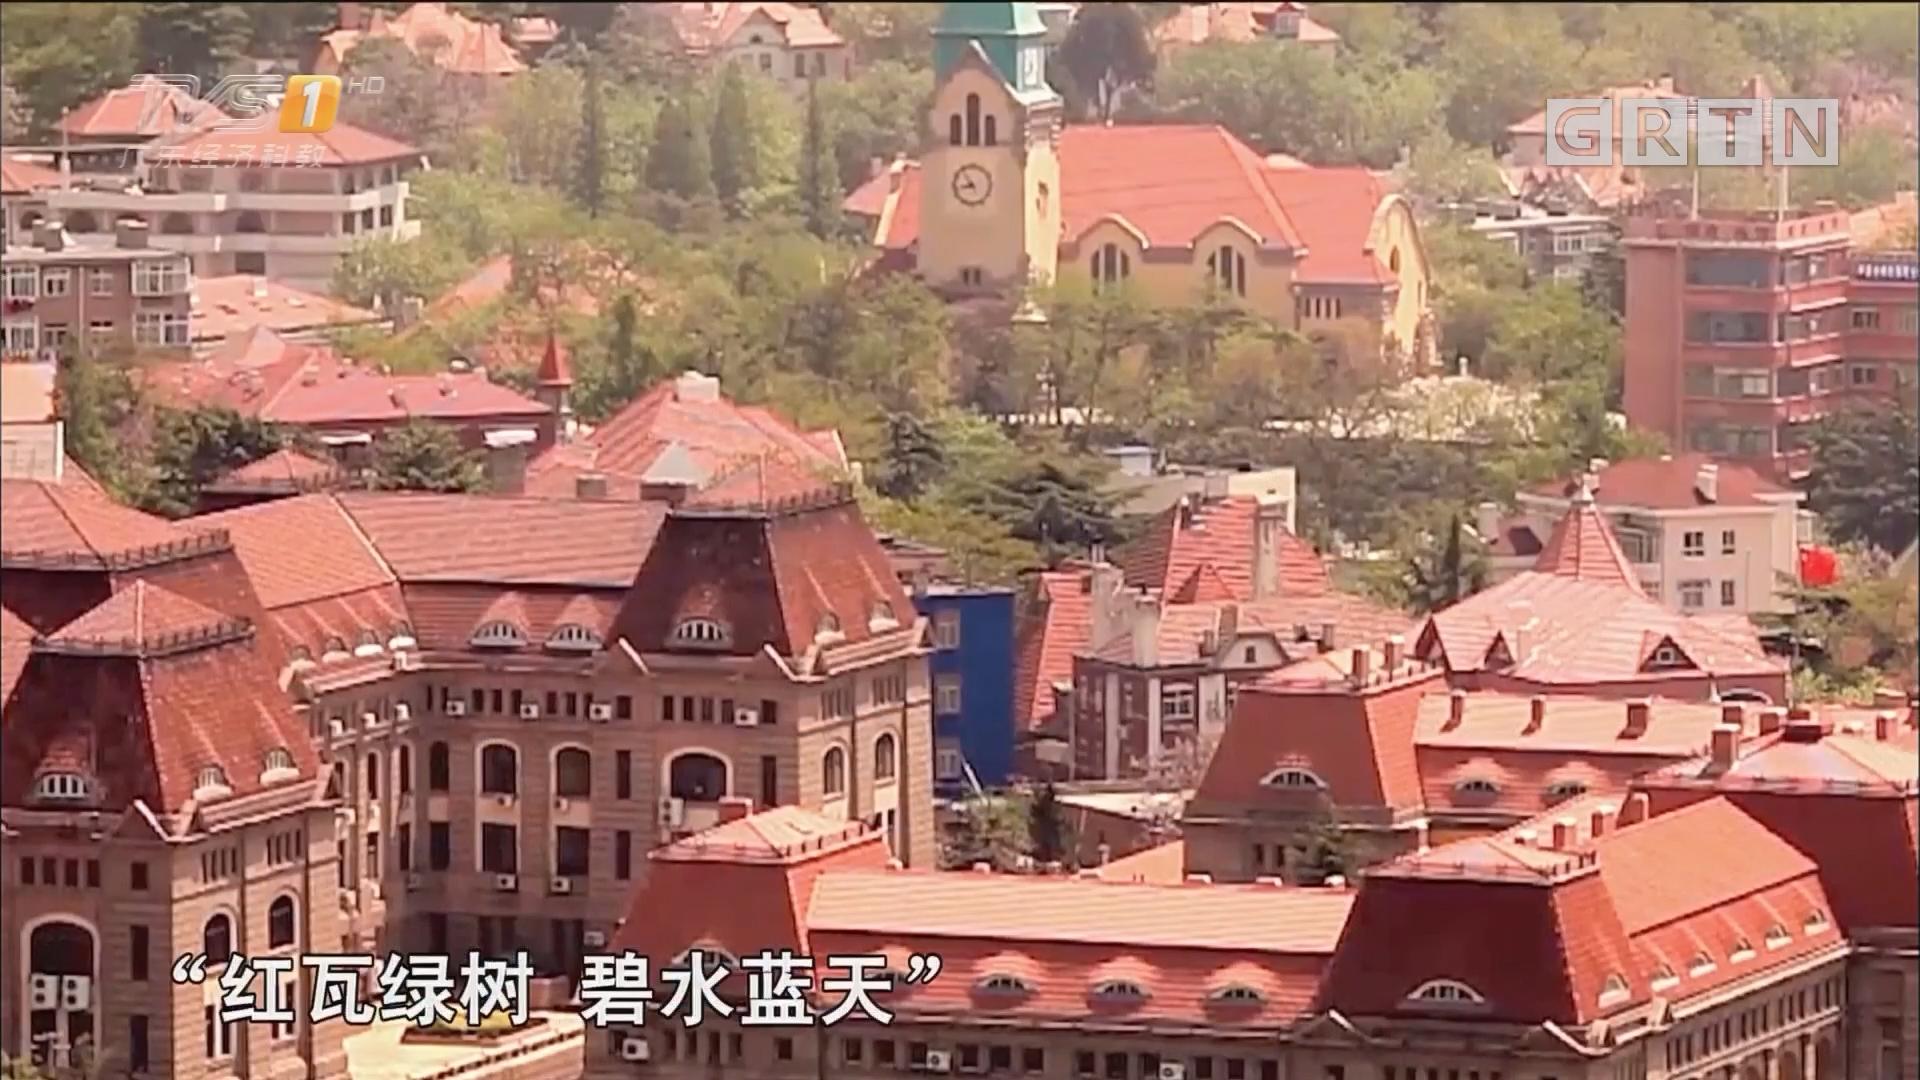 """聚焦青岛▪走进""""上合""""峰会 好客青岛 看看举办""""上合""""峰会这座城(一)"""